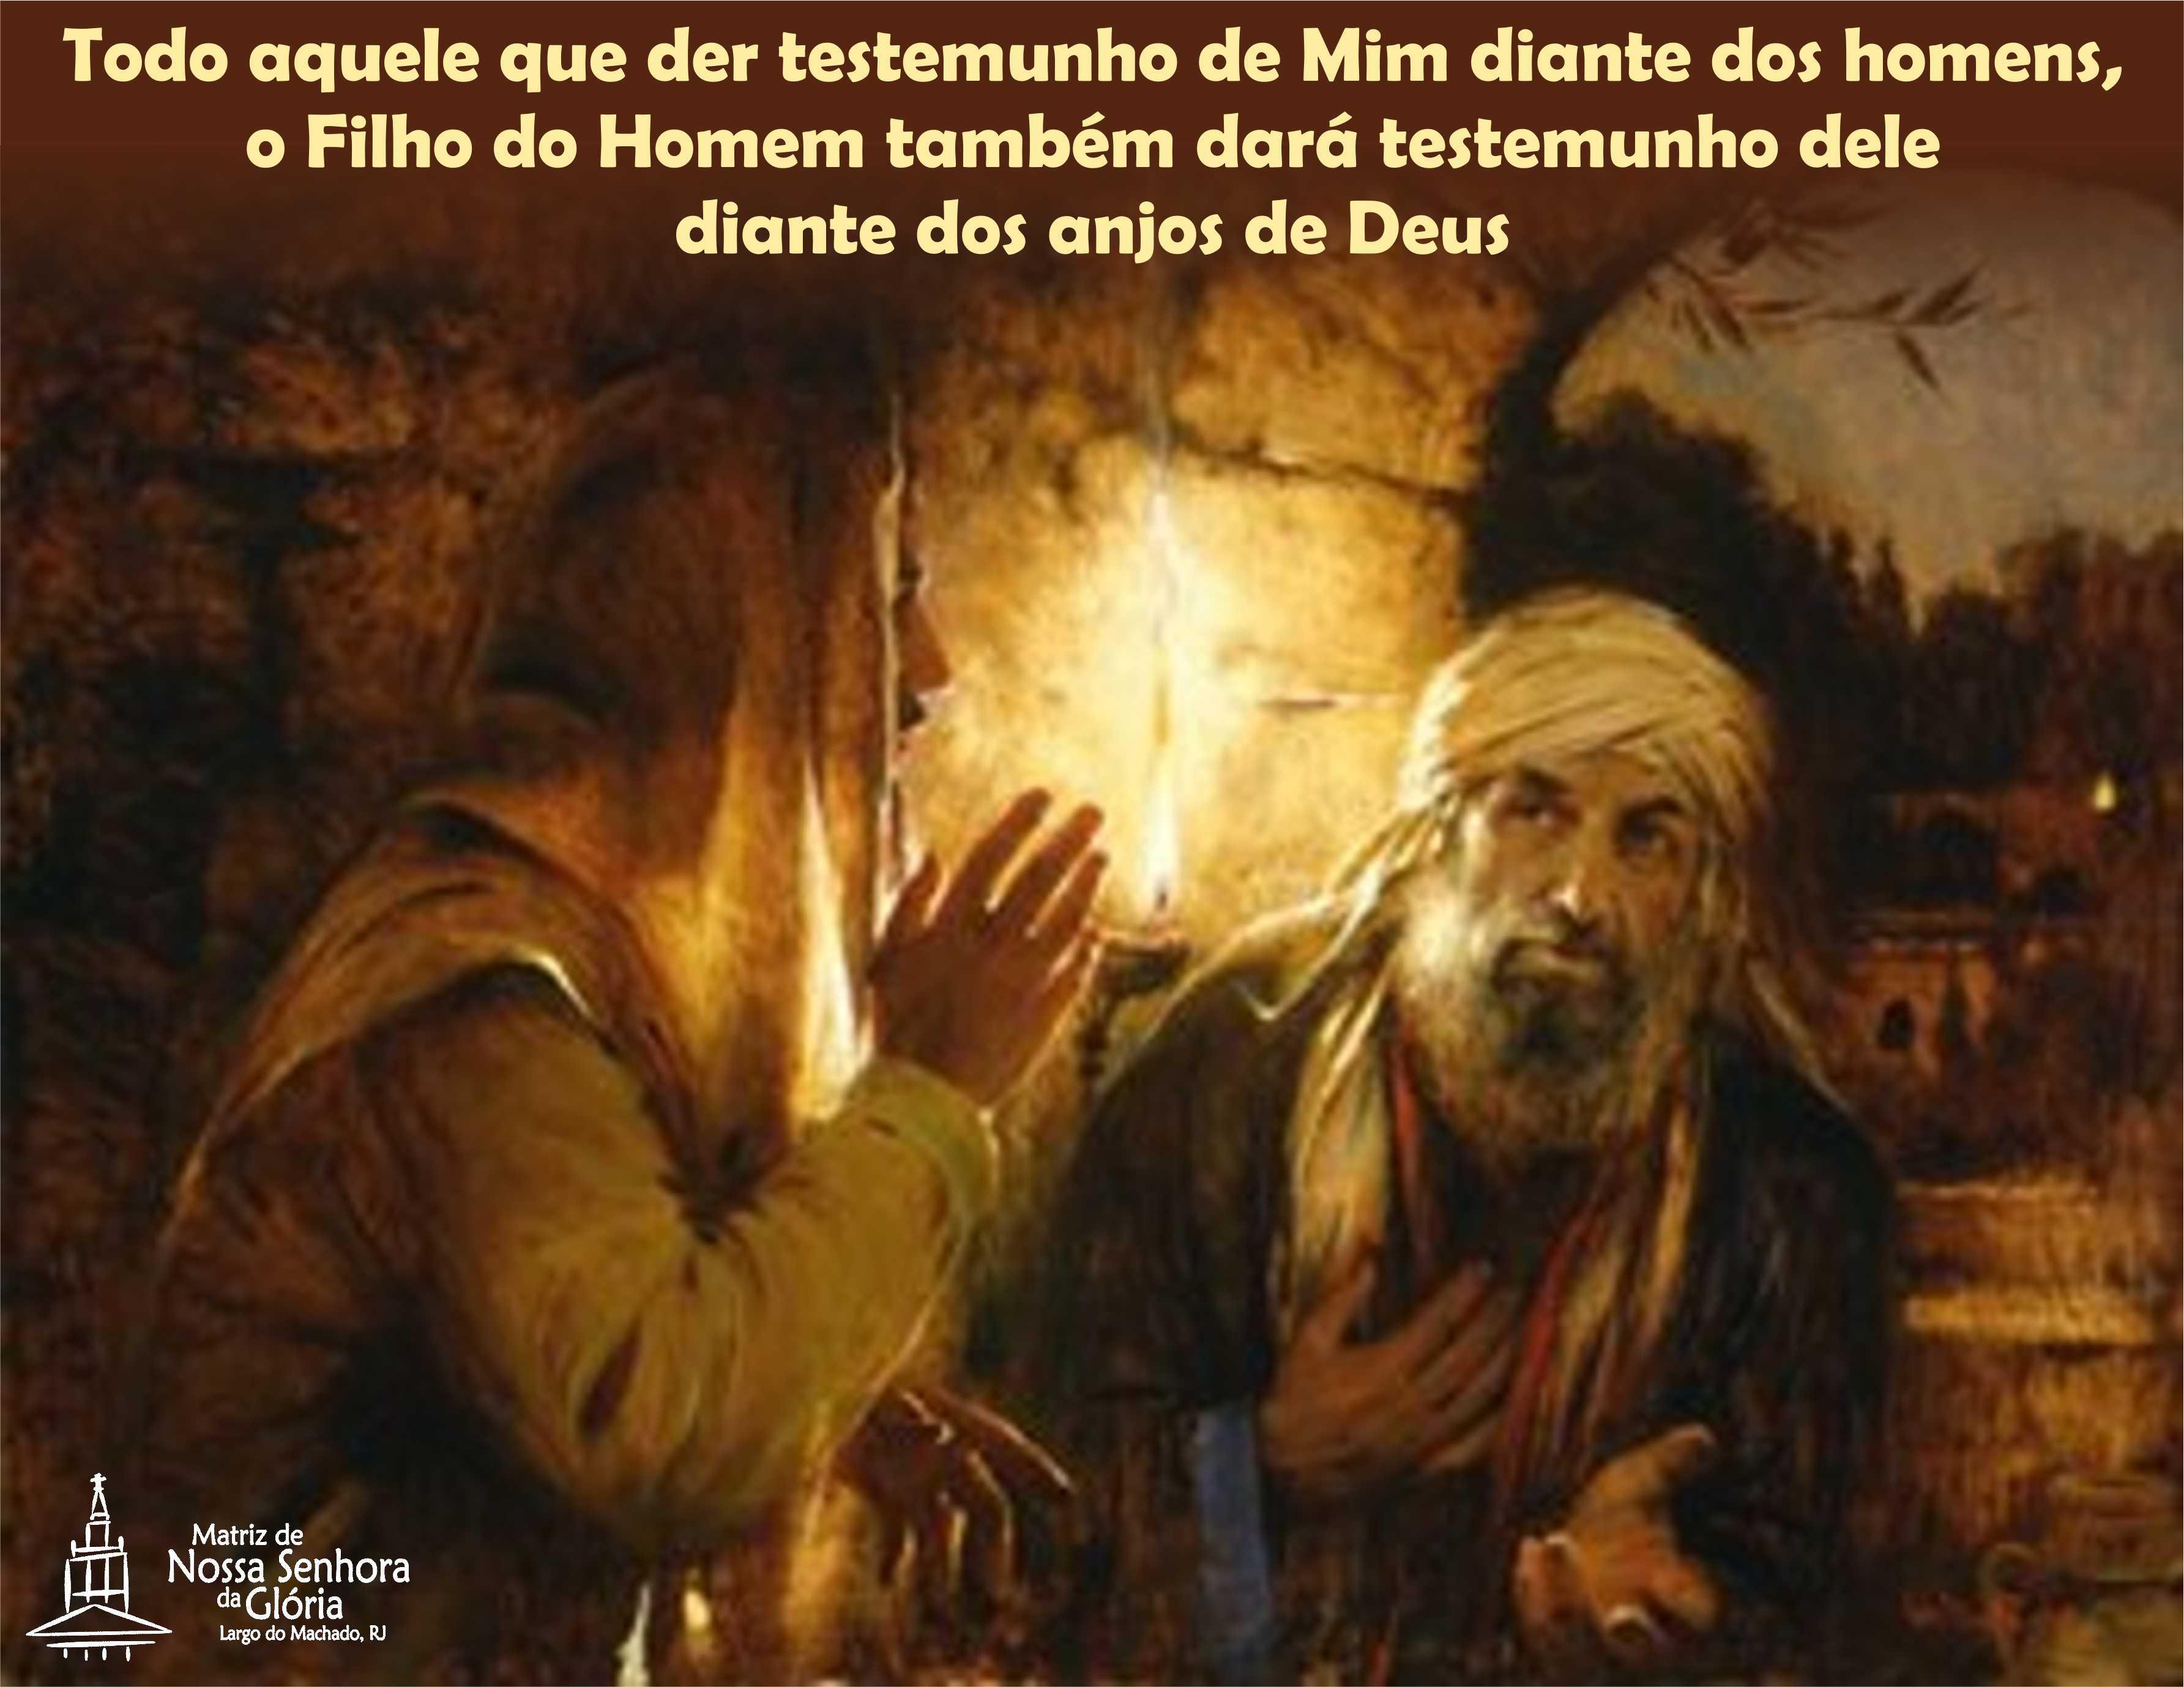 Resultado de imagem para Todo aquele que der testemunho de mim diante dos homens, o Filho do Homem também dará testemunho dele diante dos anjos de Deus.